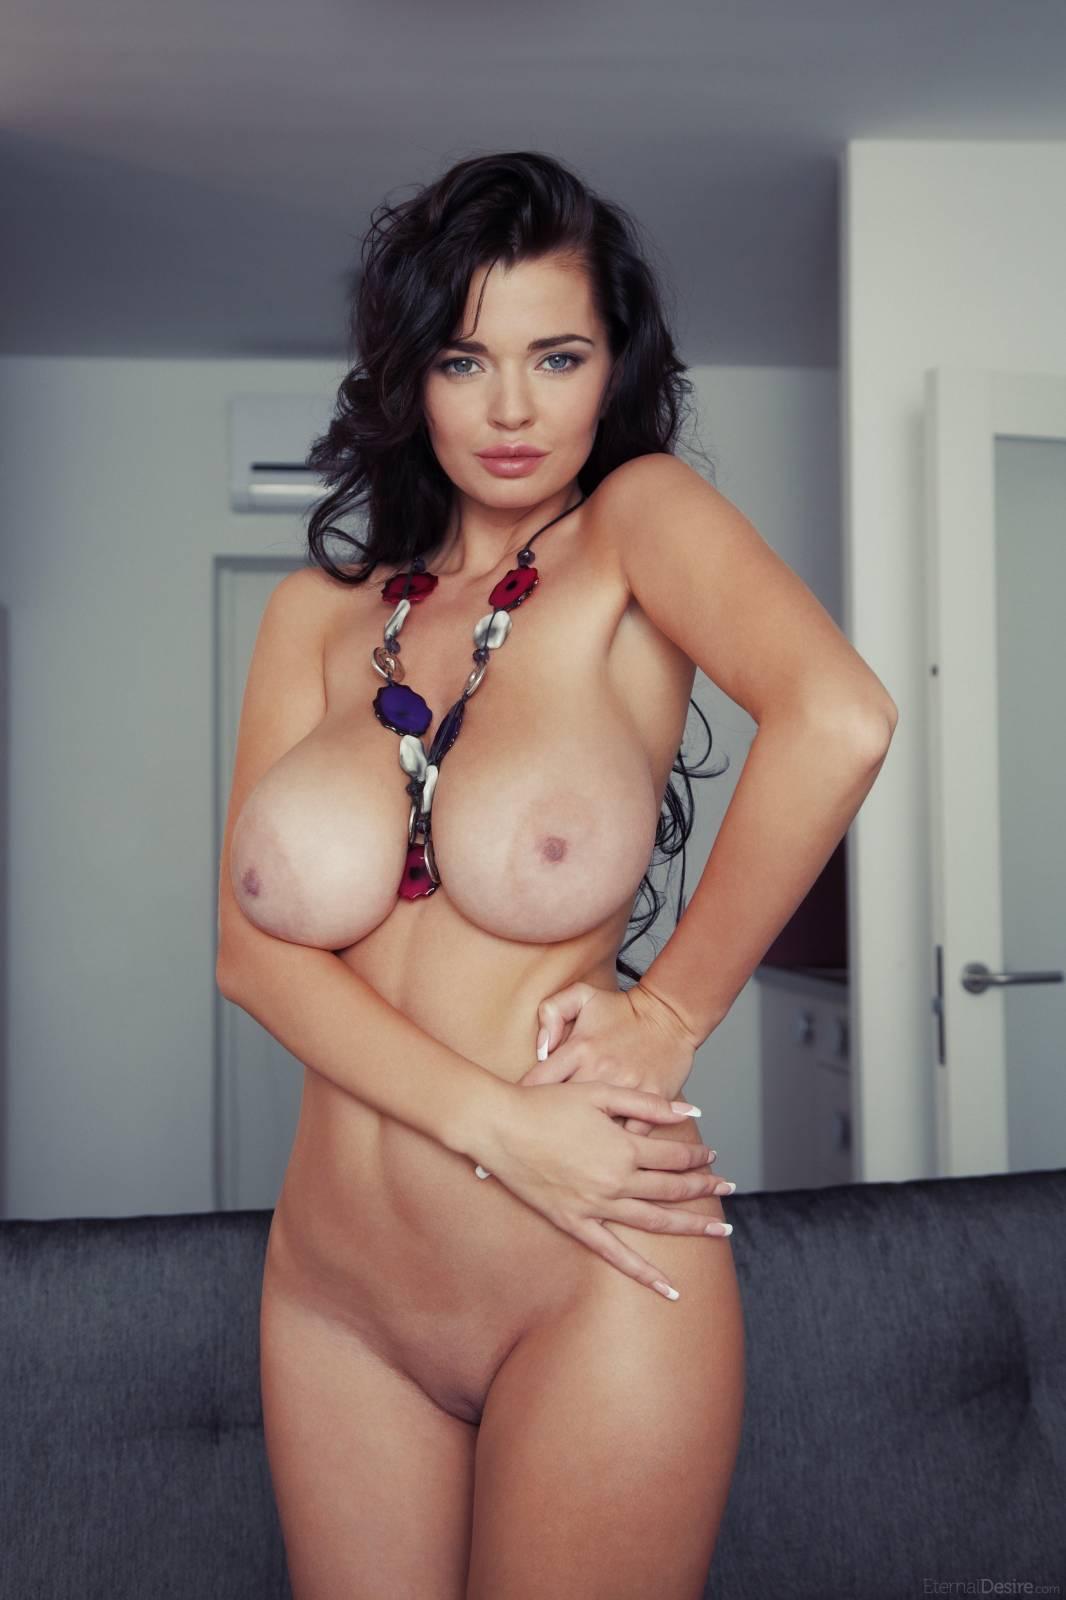 Худые женщины с большими натуральными сиськами порно 23 фотография